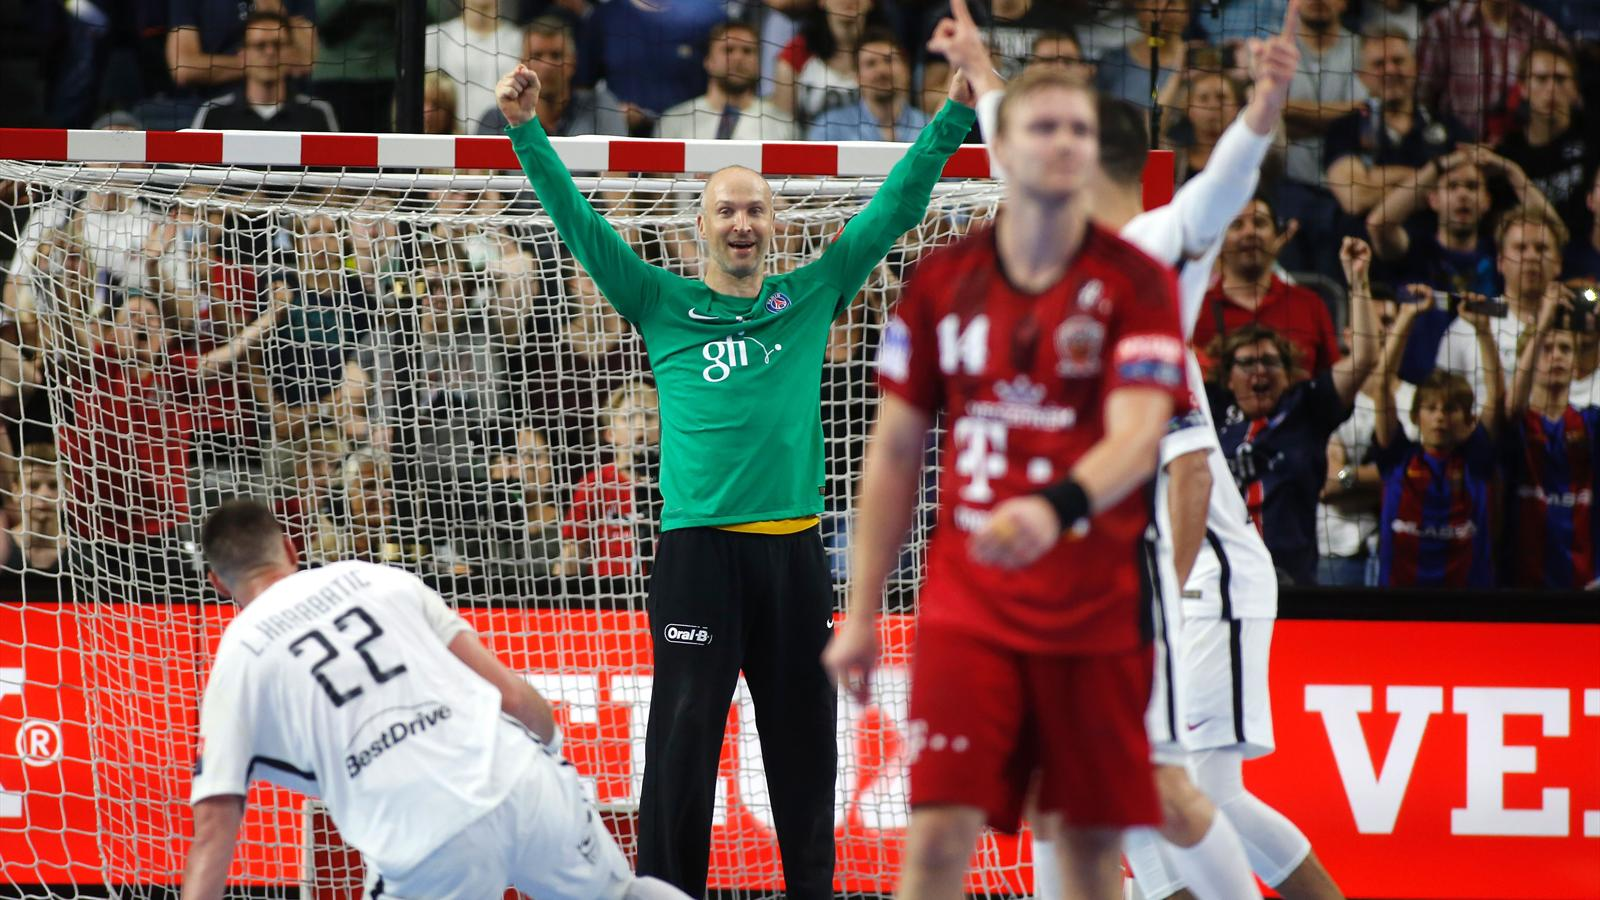 Le psg fait un pas vers la pole en gagnant veszprem ligue des champions 2017 2018 handball - Gagnant coupe de la ligue ...